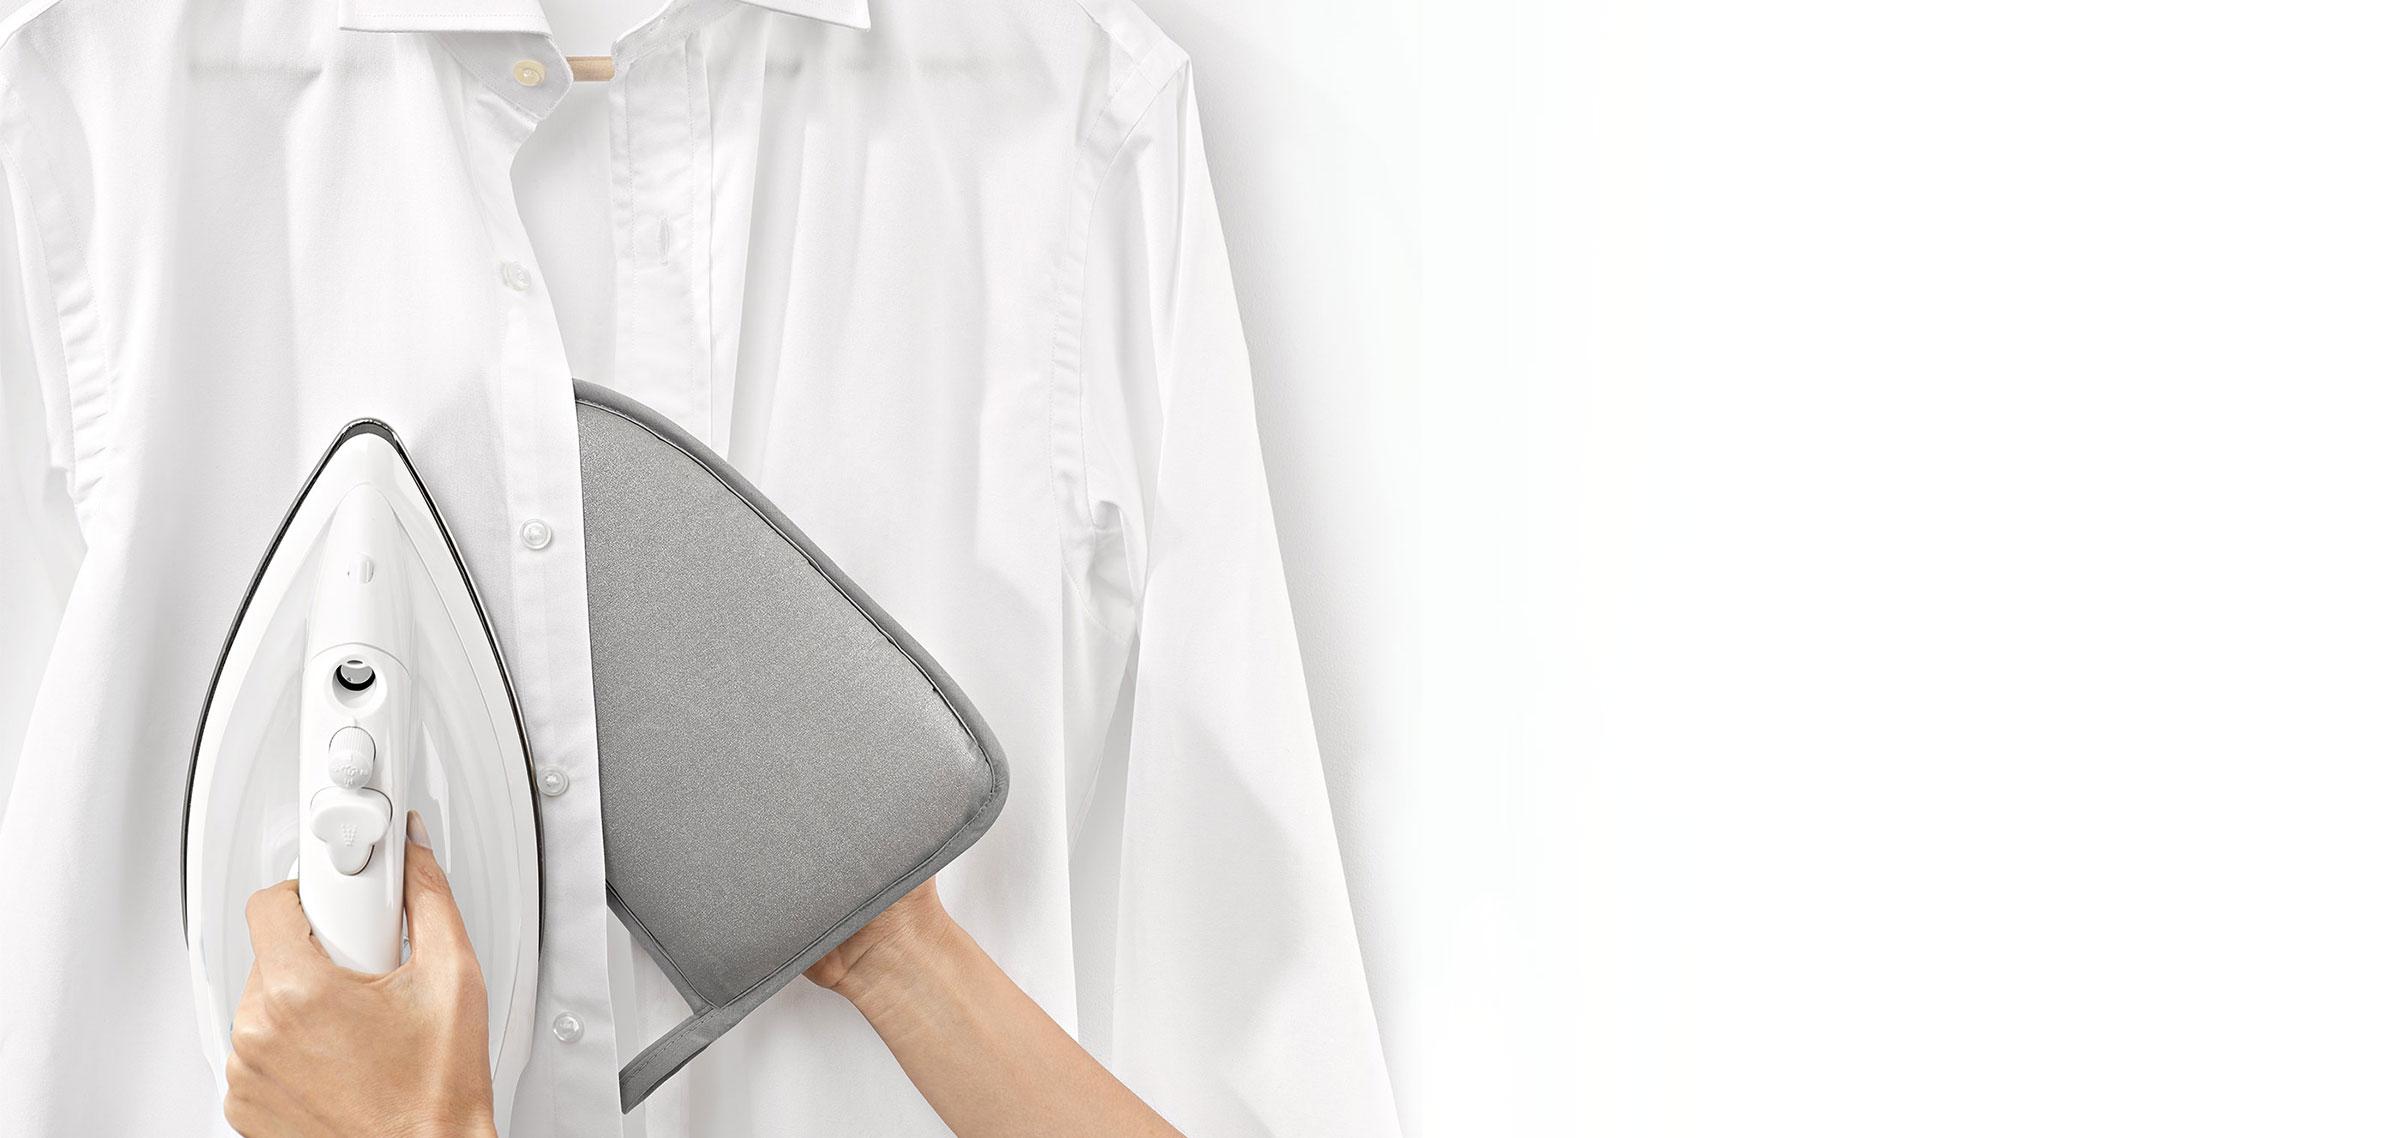 prendas-perfectas Rayen | Soluciones innovadoras para el hogar | Prendas perfectas | Rayen.com